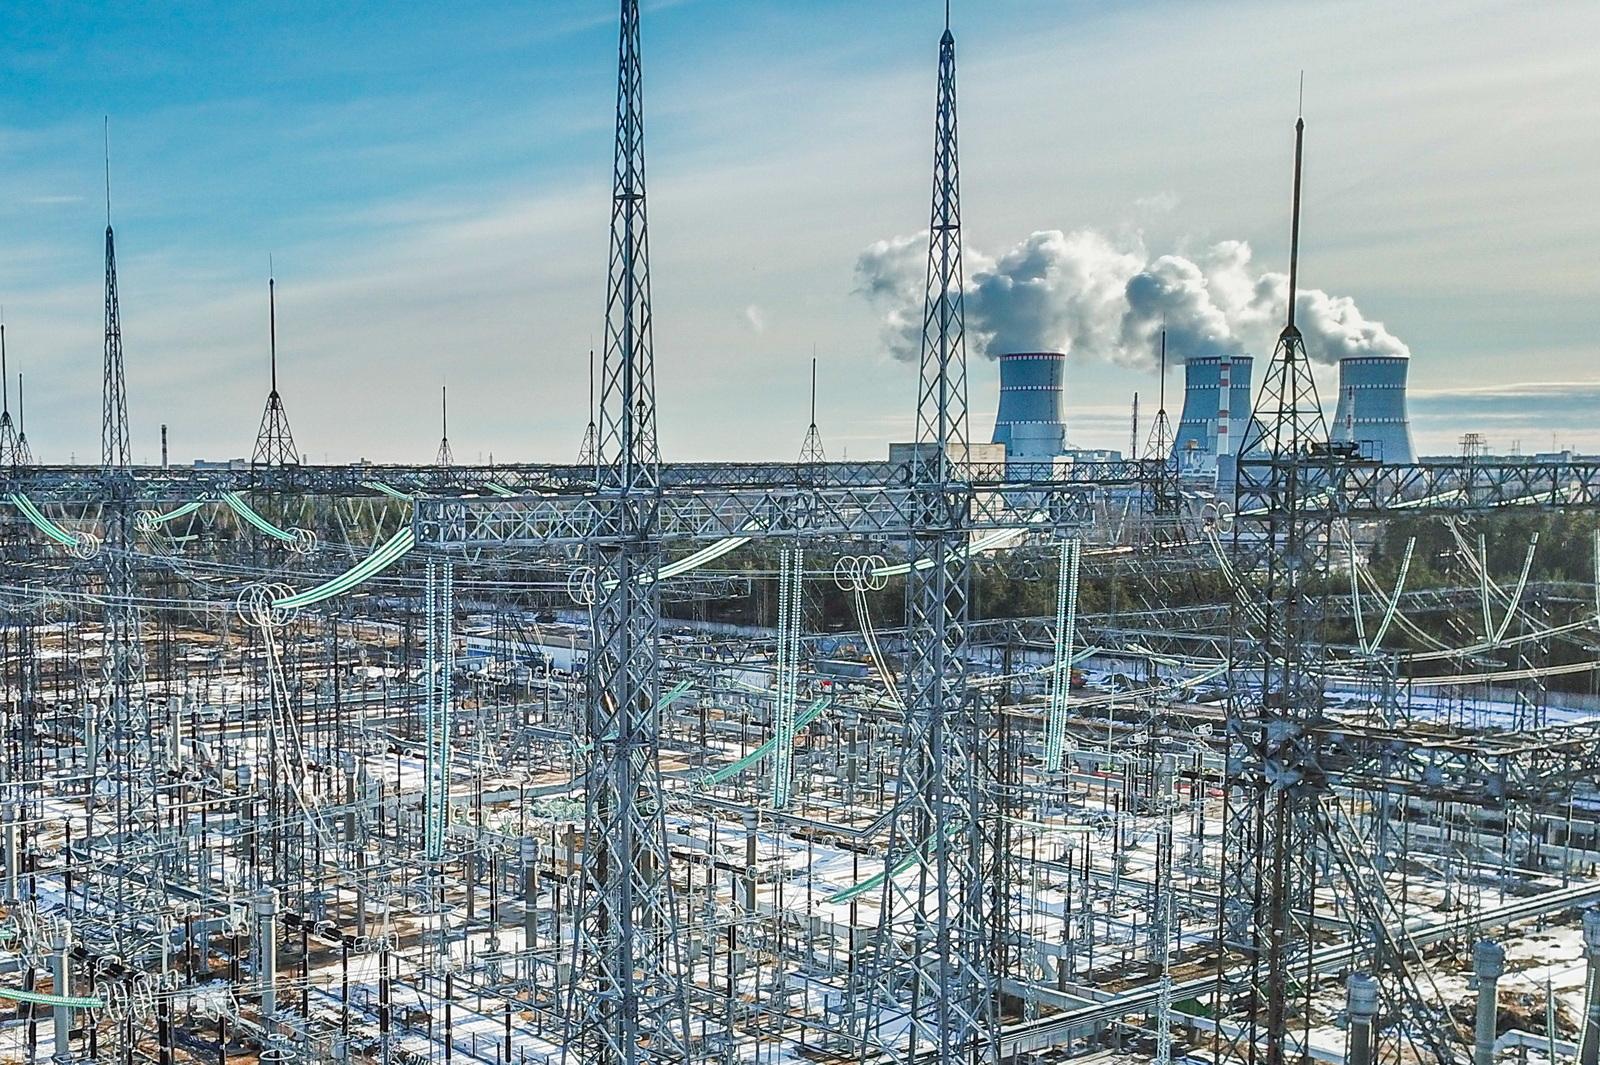 Шестой энергоблок Ленинградской АЭС введен в промышленную эксплуатацию